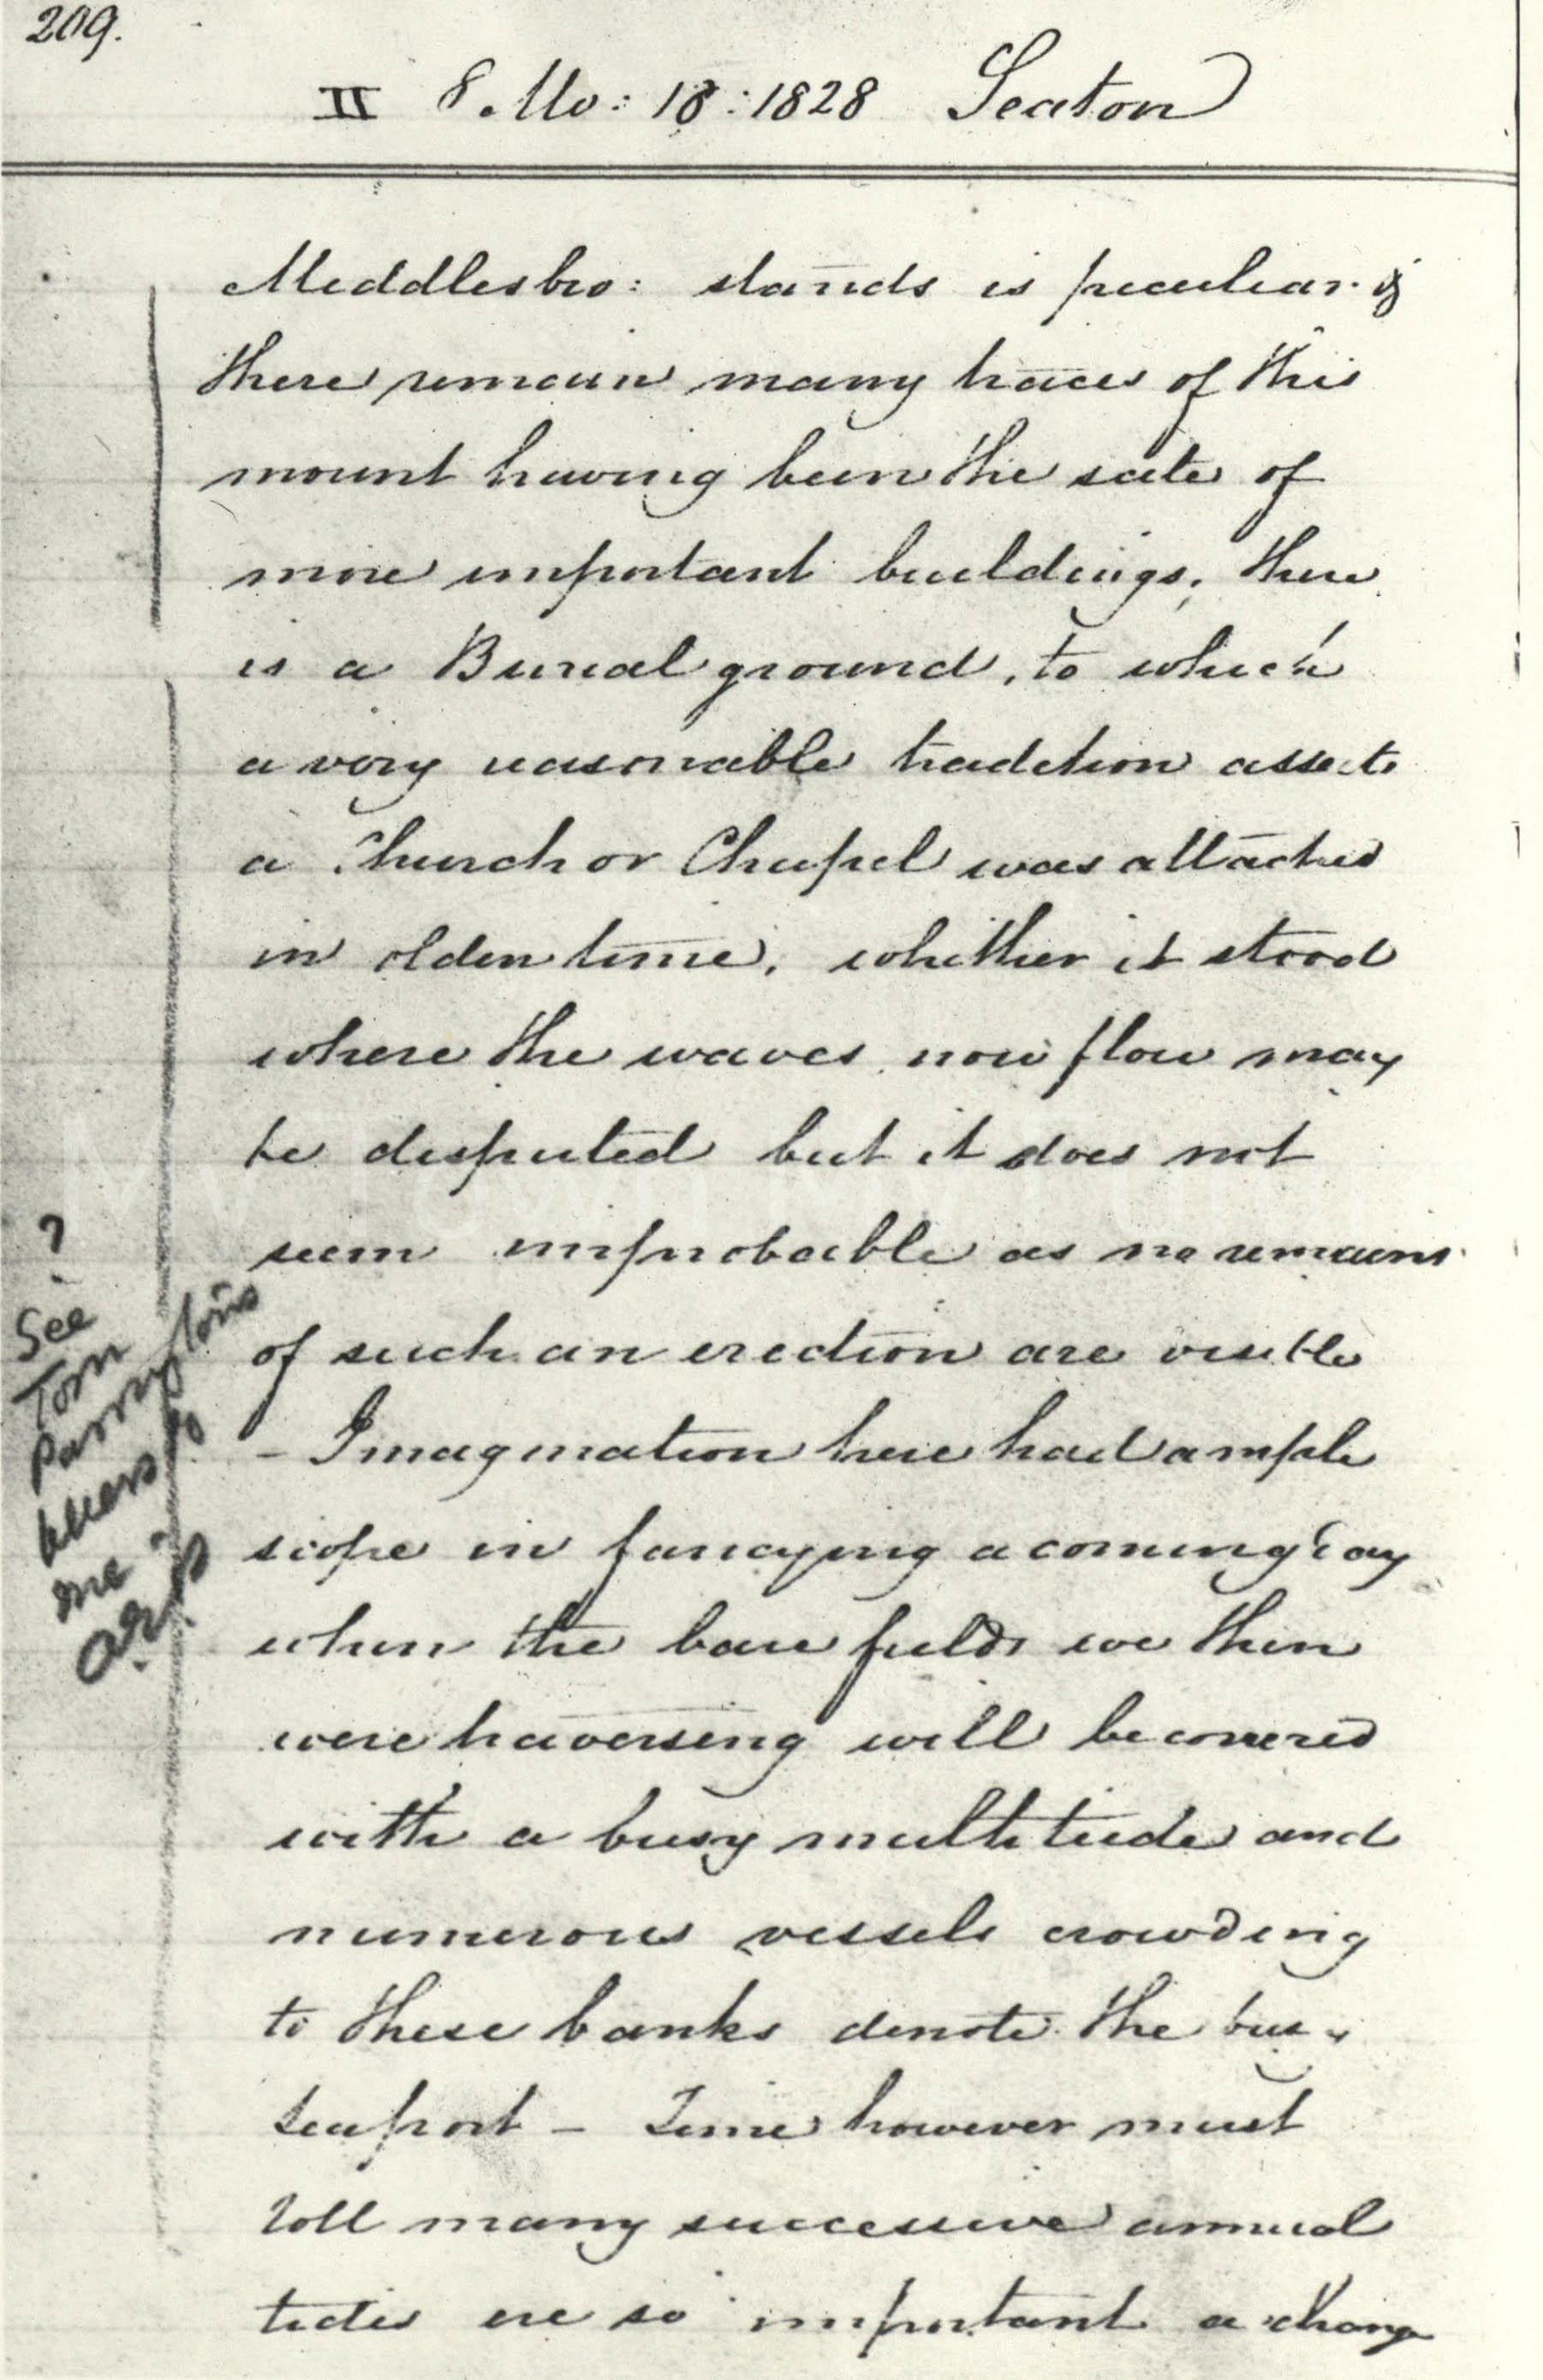 Edward Pease Document, 1828